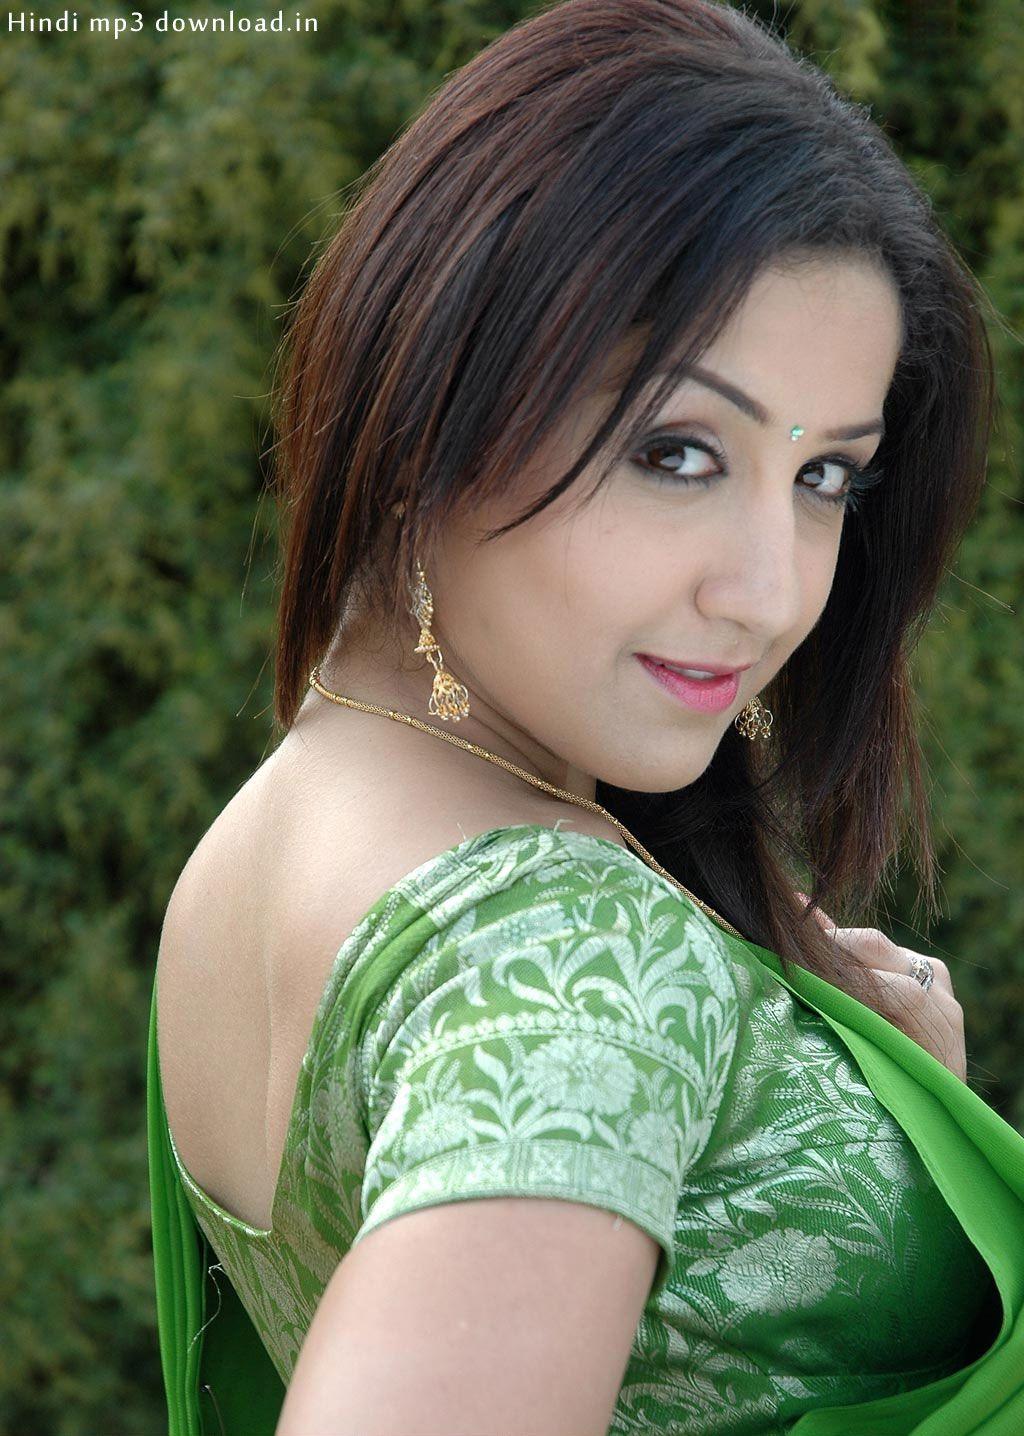 Mallika Kapoor nude photos 2019